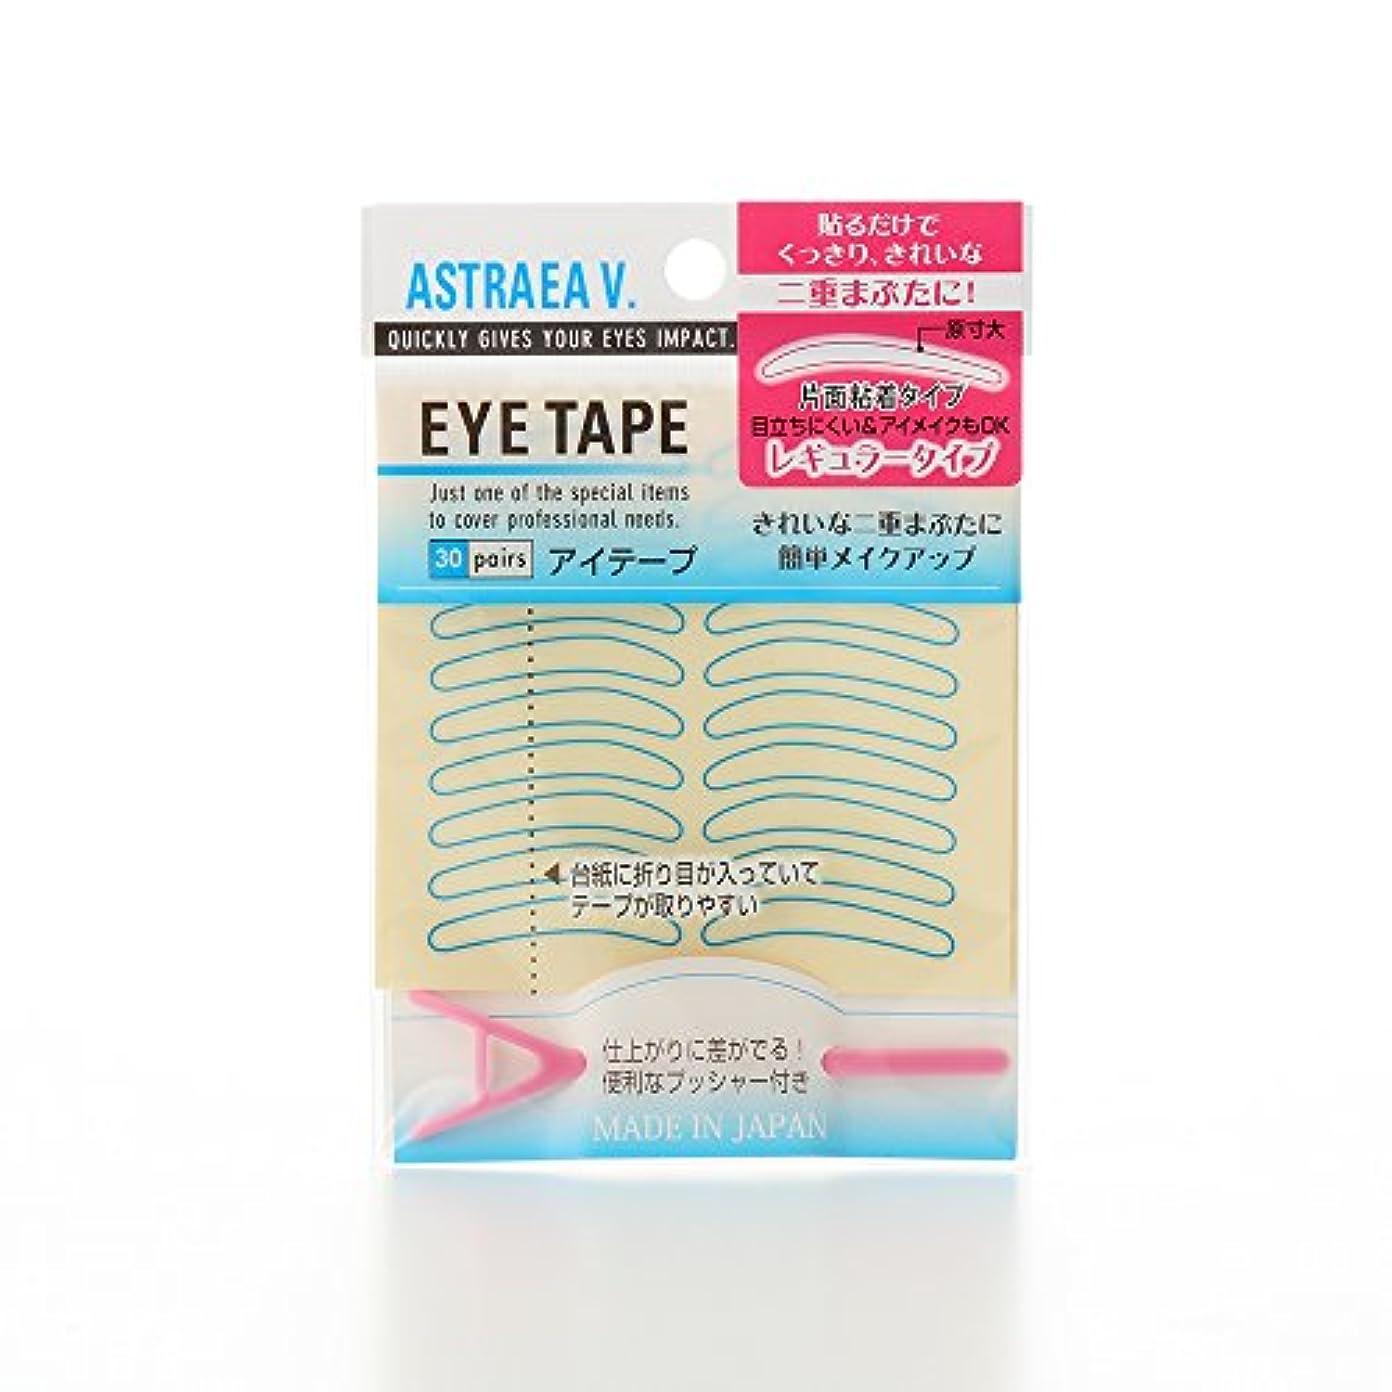 二次短くする偽物アストレアヴィルゴ アイテープ レギュラータイプ